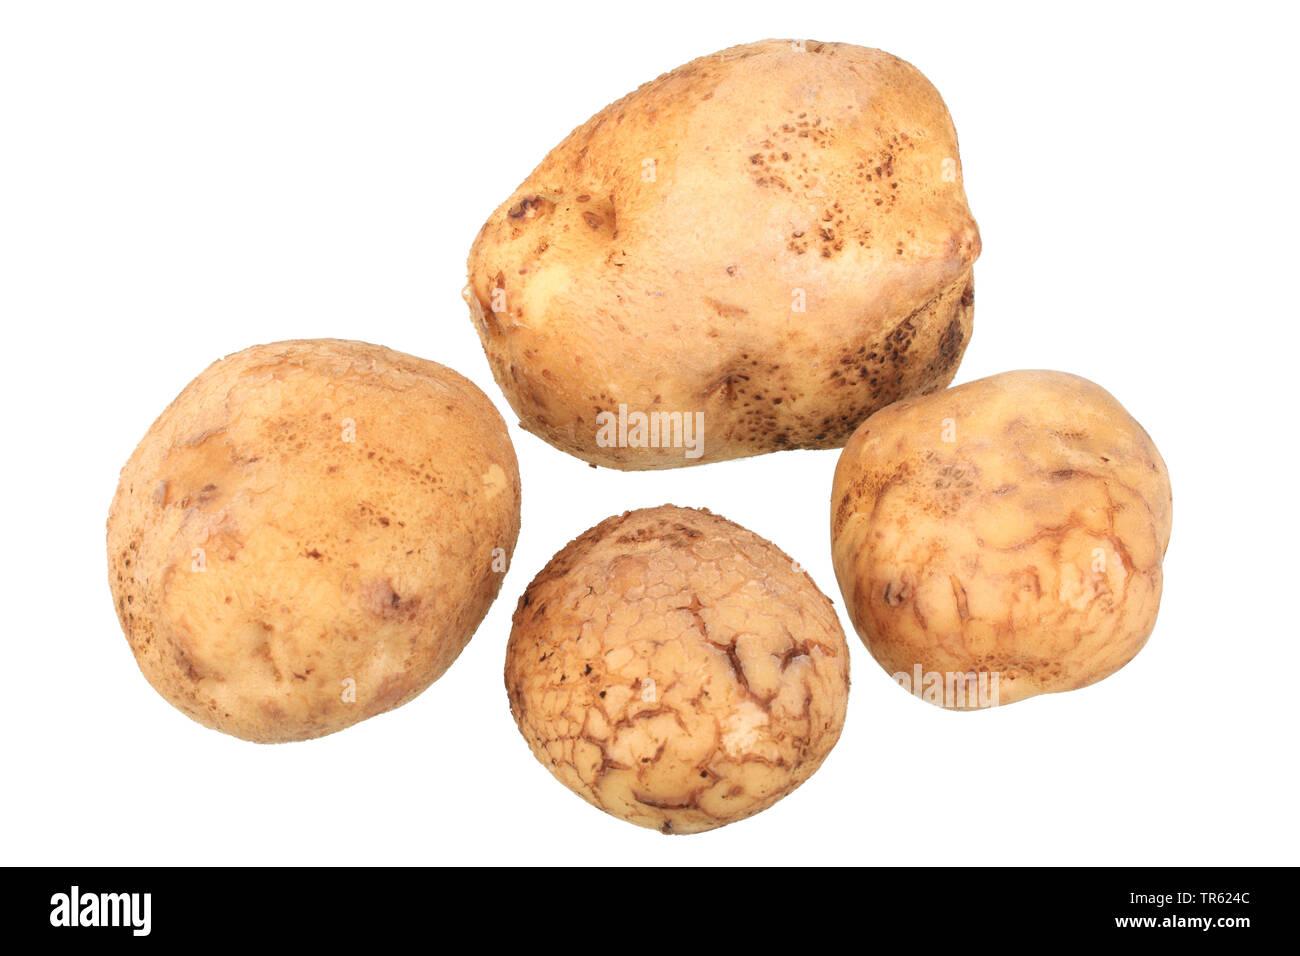 Ackersegen-Kartoffel, Ackersegenkartoffel (Solanum tuberosum Ackersegen), Kartoffeln der Sorte Ackersegen, Freisteller   potato (Solanum tuberosum Ack - Stock Image